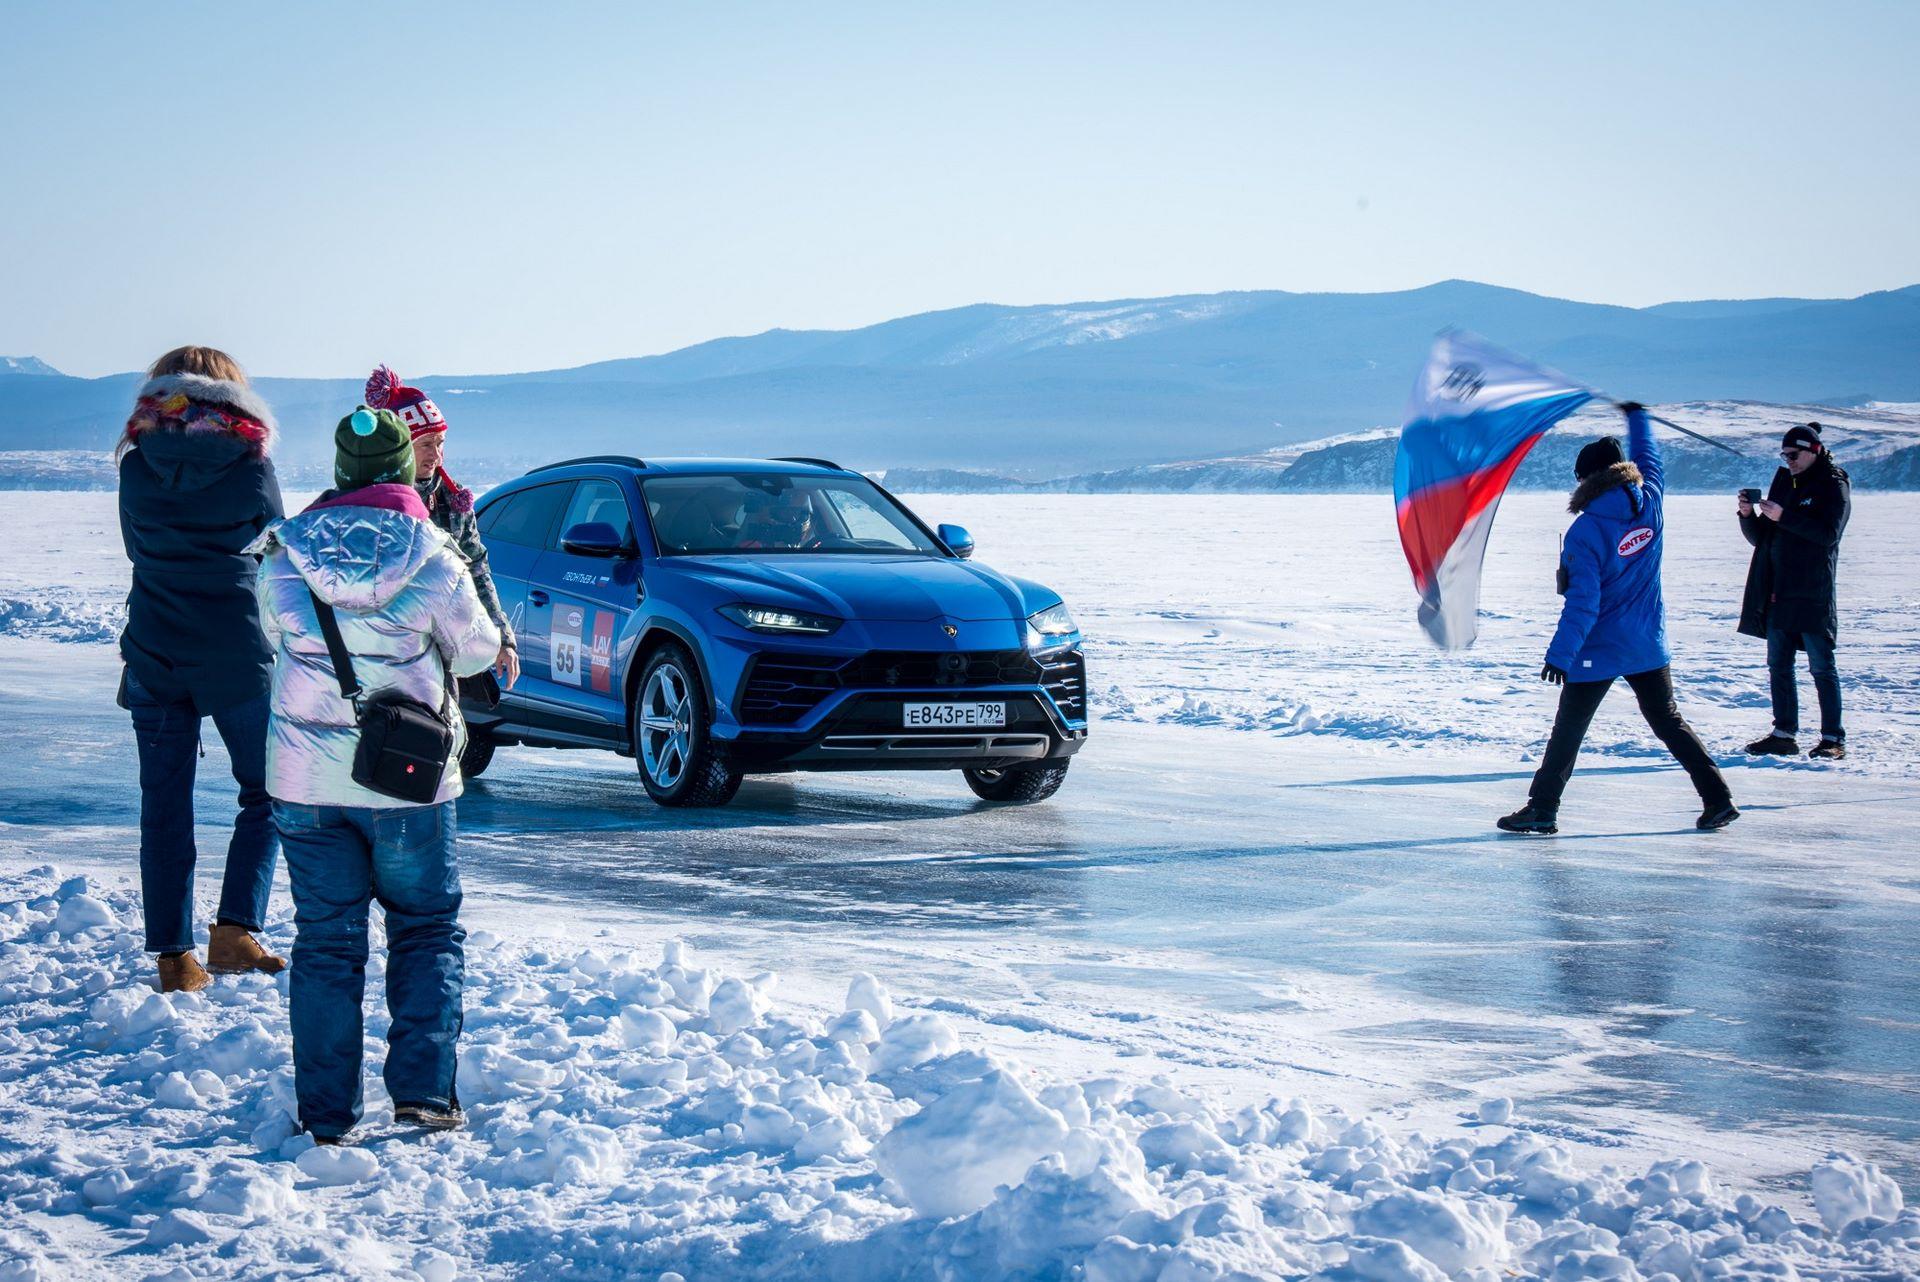 Lamborghini-Urus-Ice-Speed-Record-3